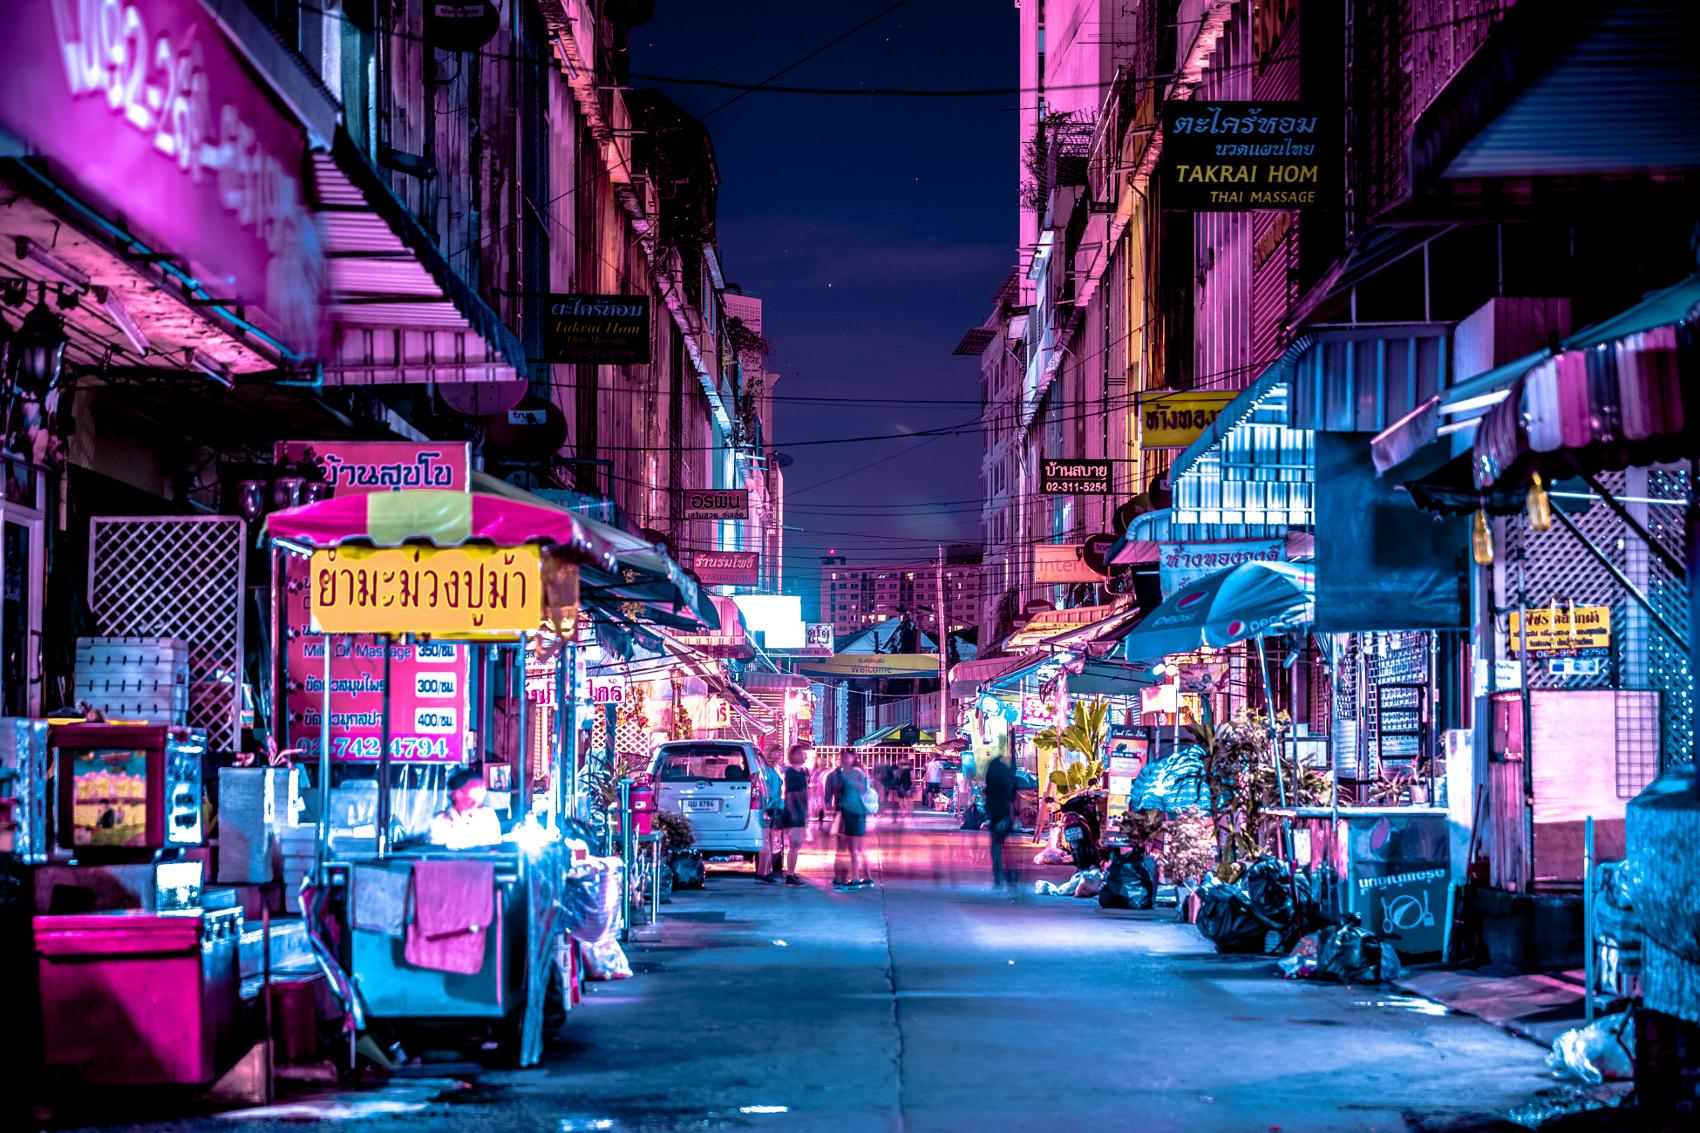 همه چیز درباره بازار شبانه پات پونگ